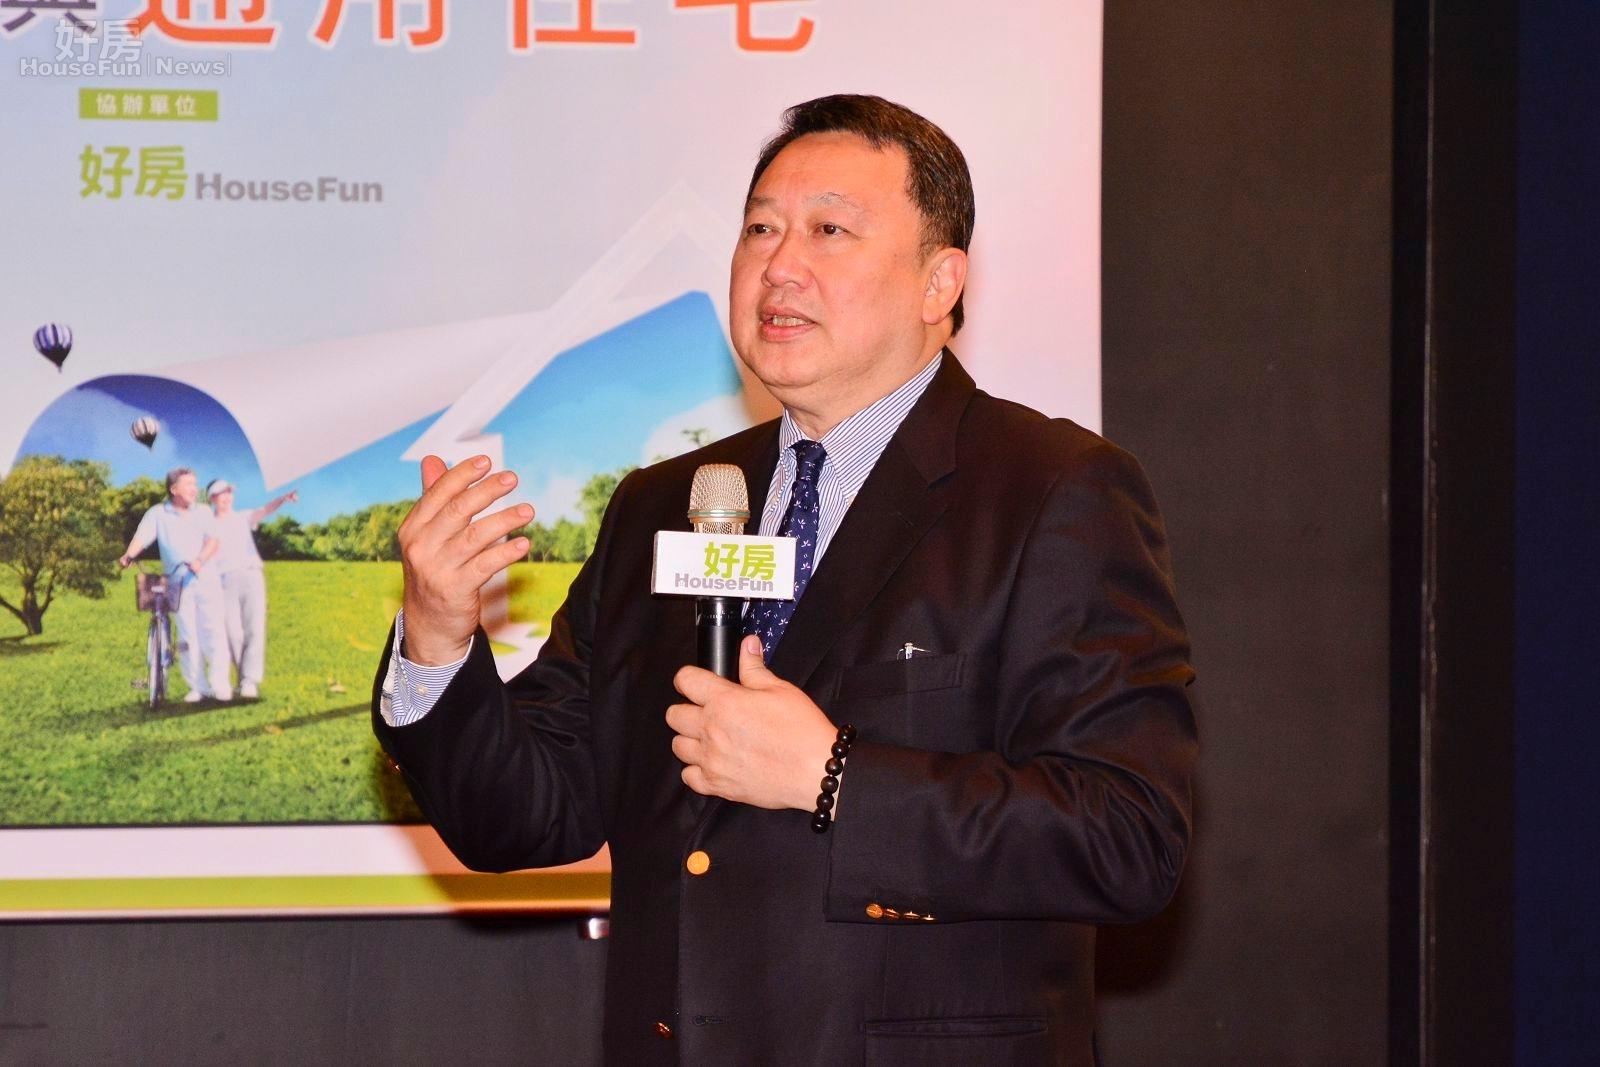 永慶慈善基金會董事長趙怡,解釋未來銀髮族與通用住宅的重要性。(好房News記者 陳韋帆/攝影)